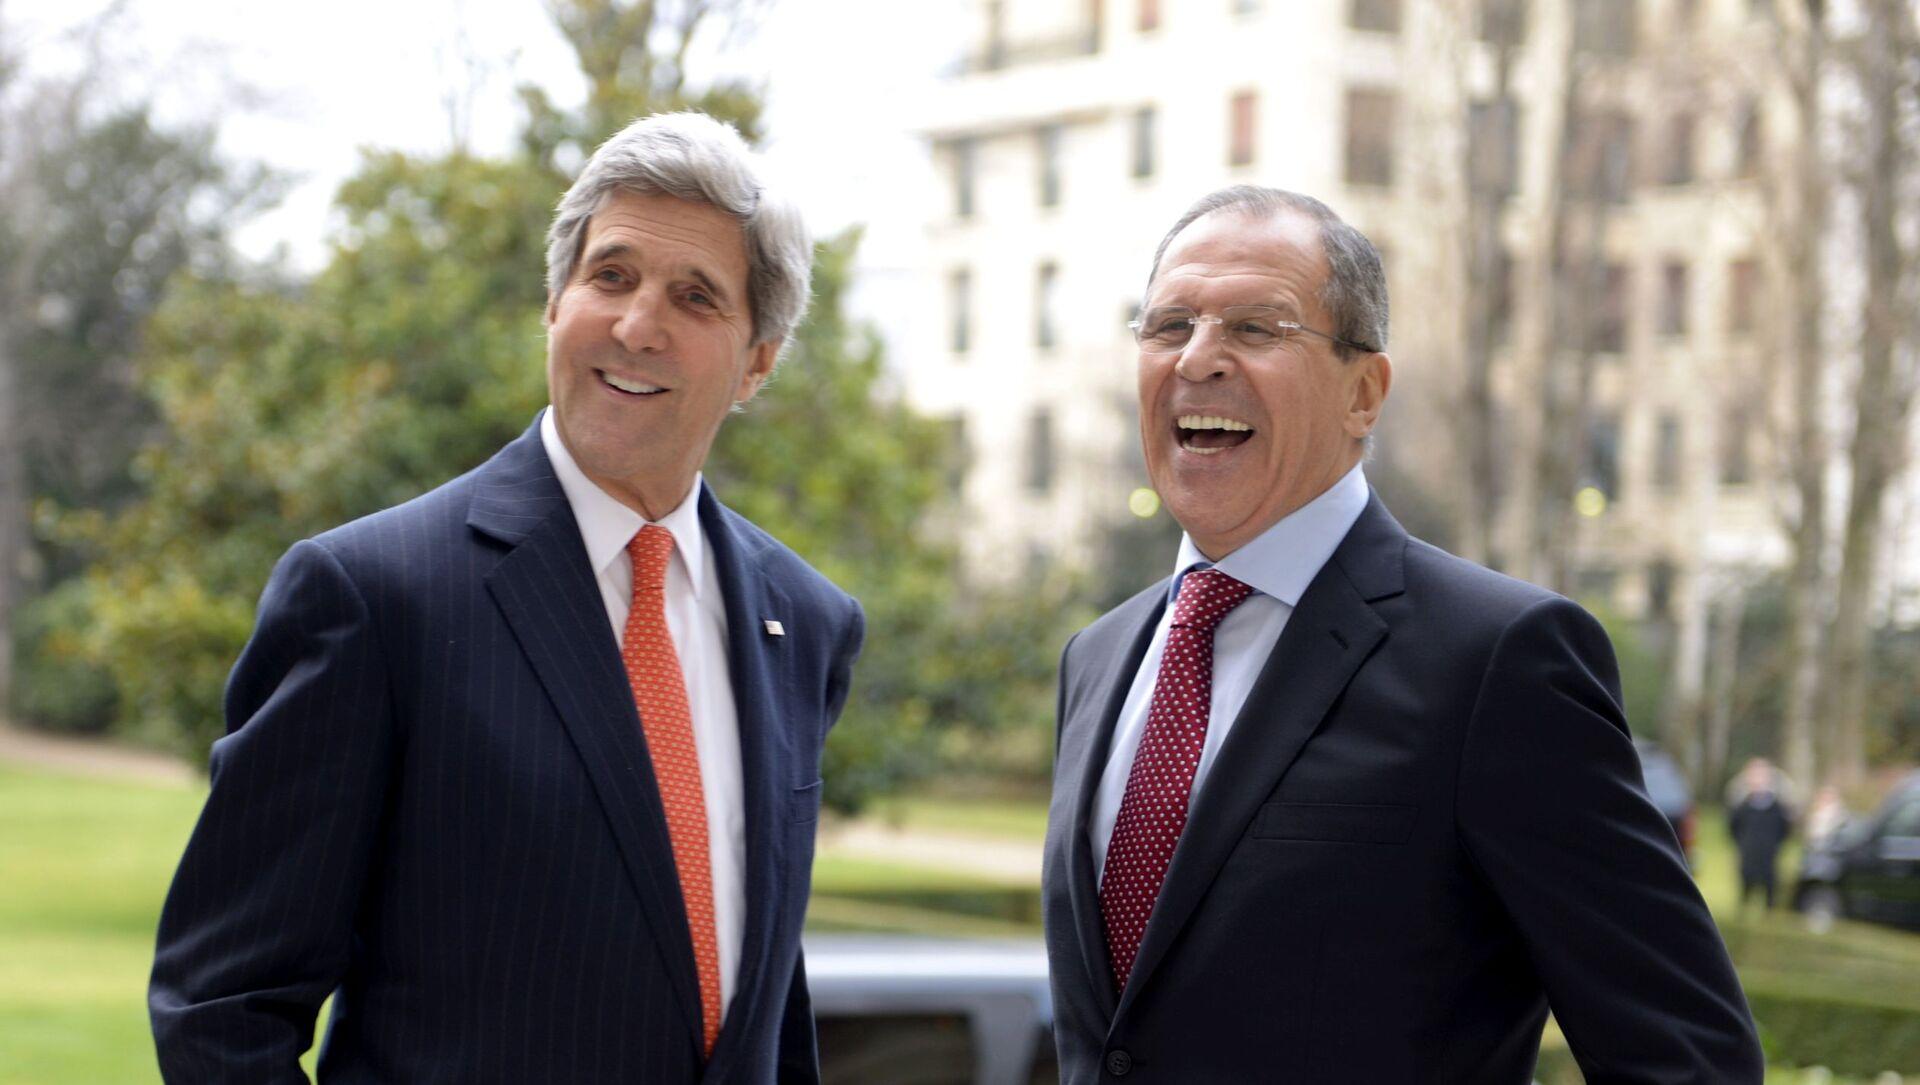 Госсекретарь США Джон Керри и министр иностранных дел РФ Сергей Лавров во время переговоров в Париже - Sputnik Армения, 1920, 12.07.2021